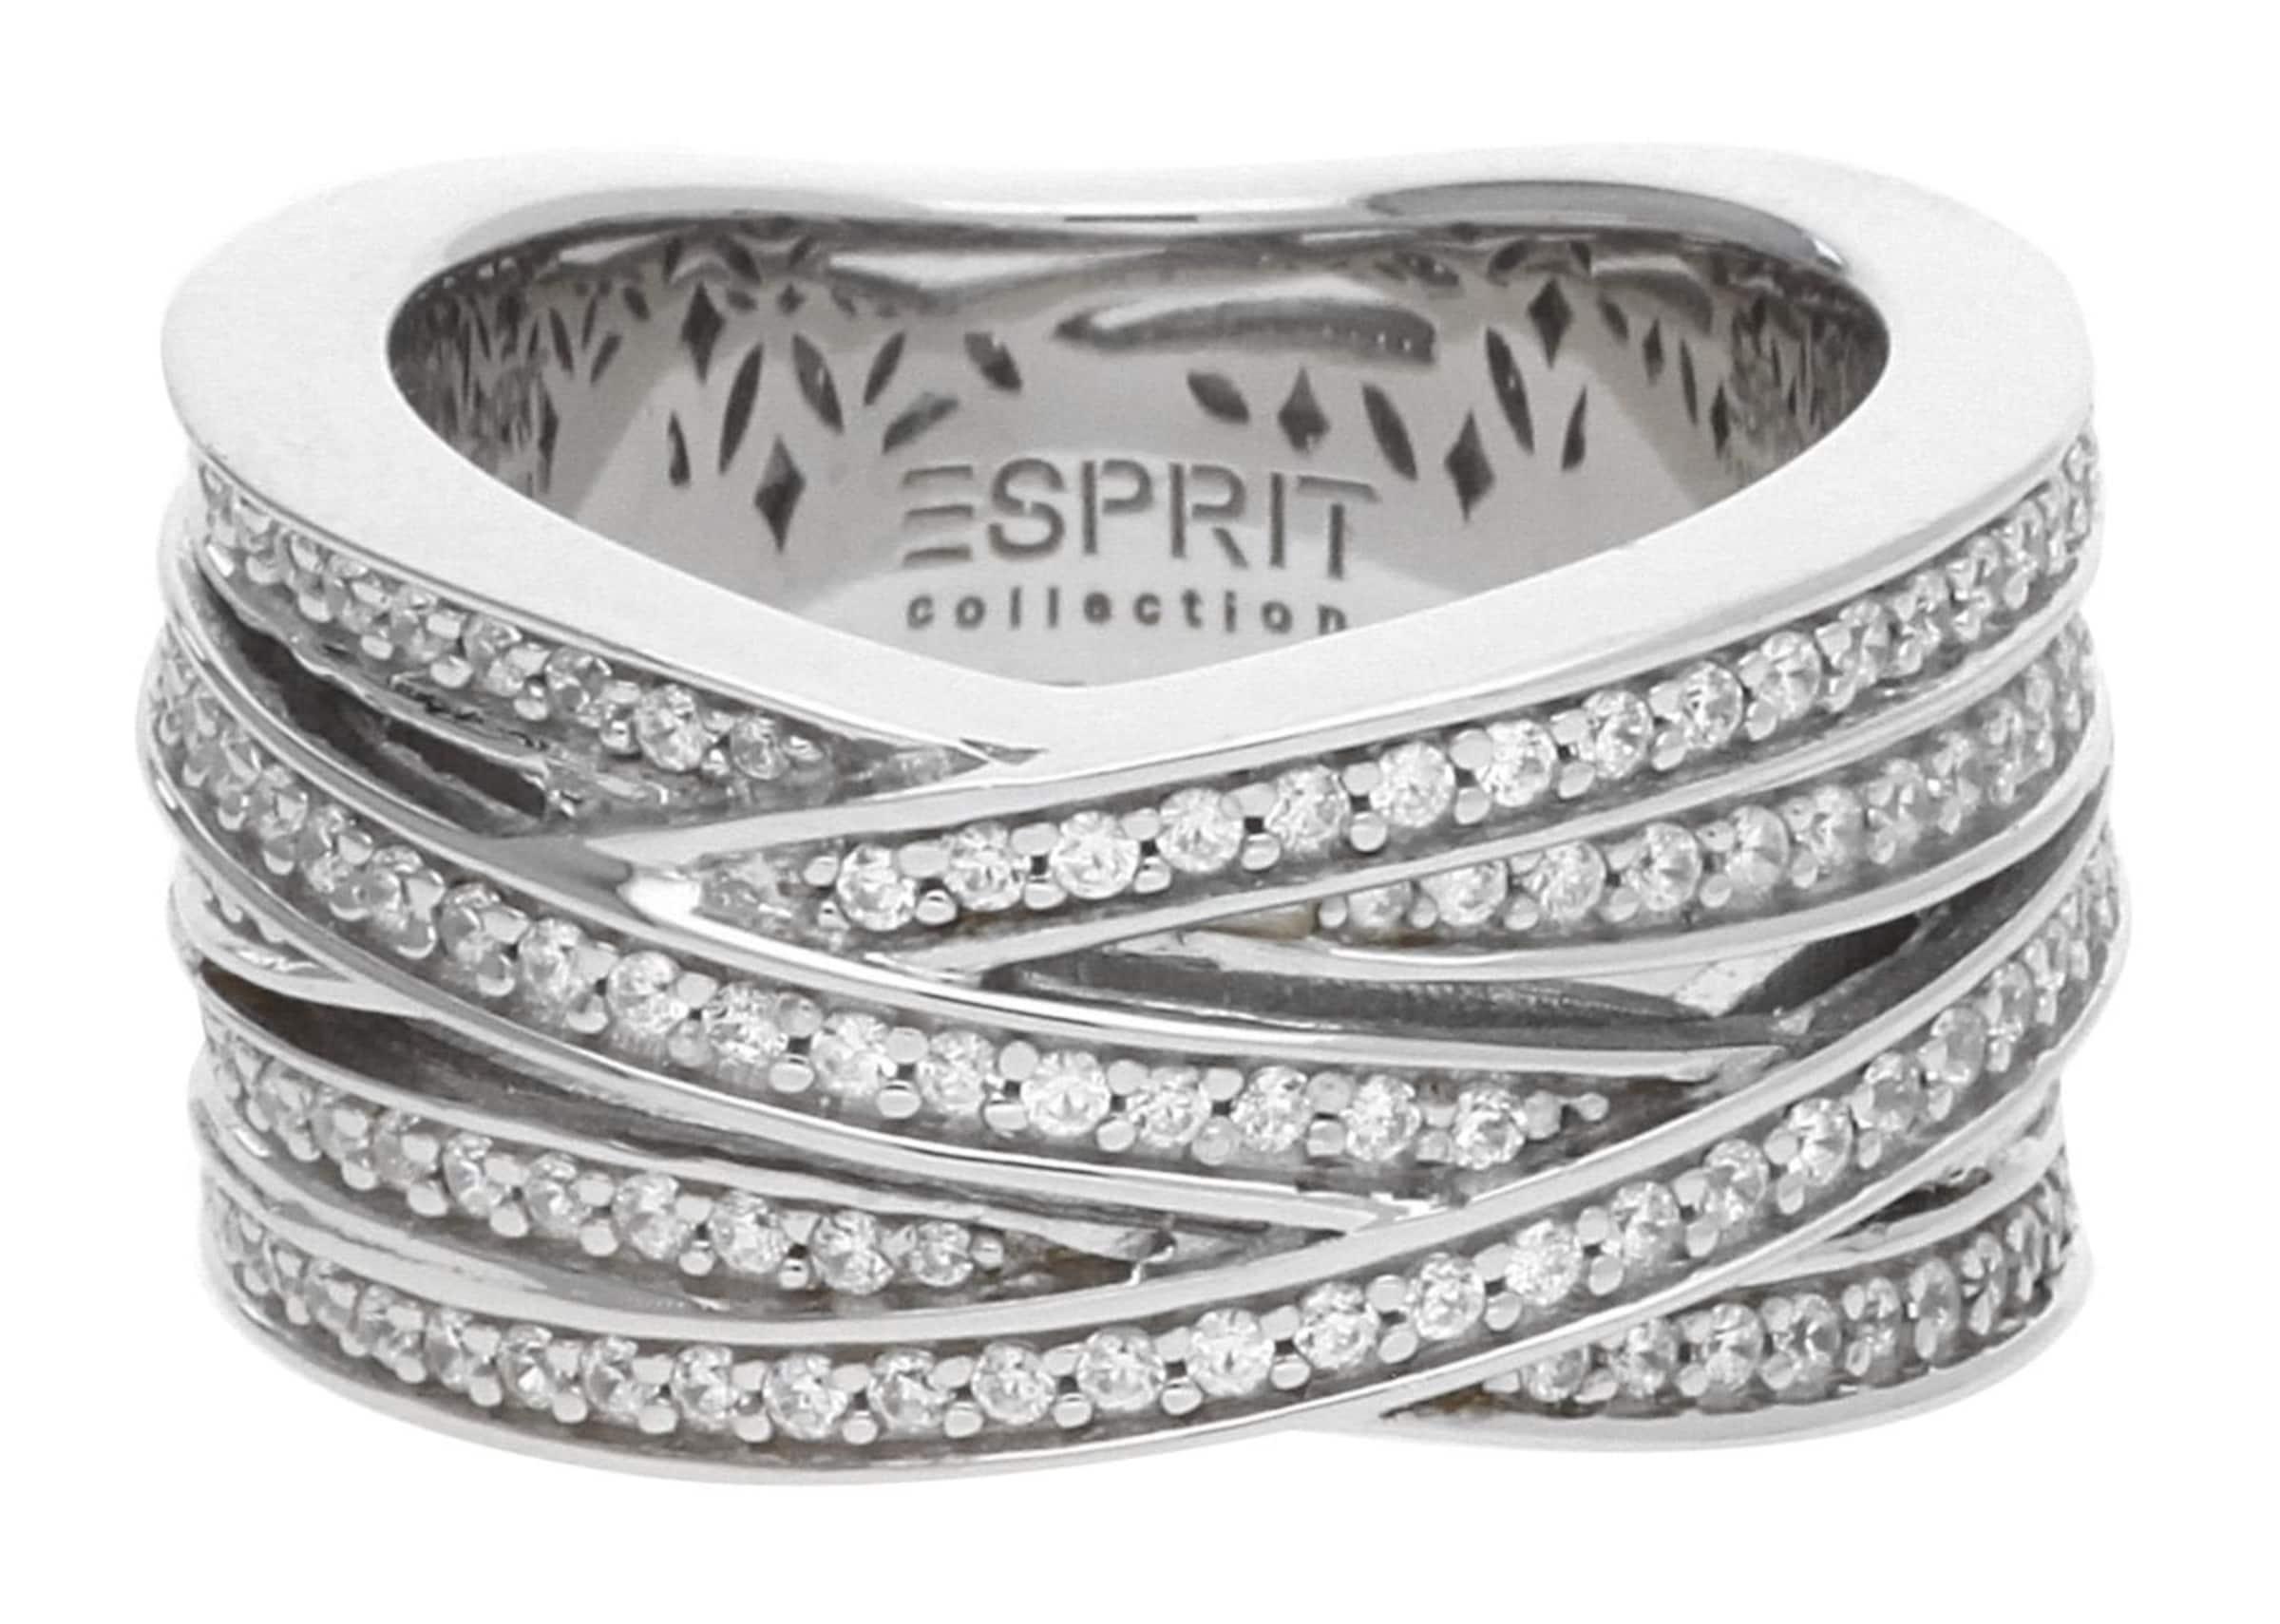 Spielraum In Mode ESPRIT Fingerring Pallyne Day mit Zirkonia-Steinbesatz Aussicht Zum Verkauf Preiswerten Realen Q4aCU7r